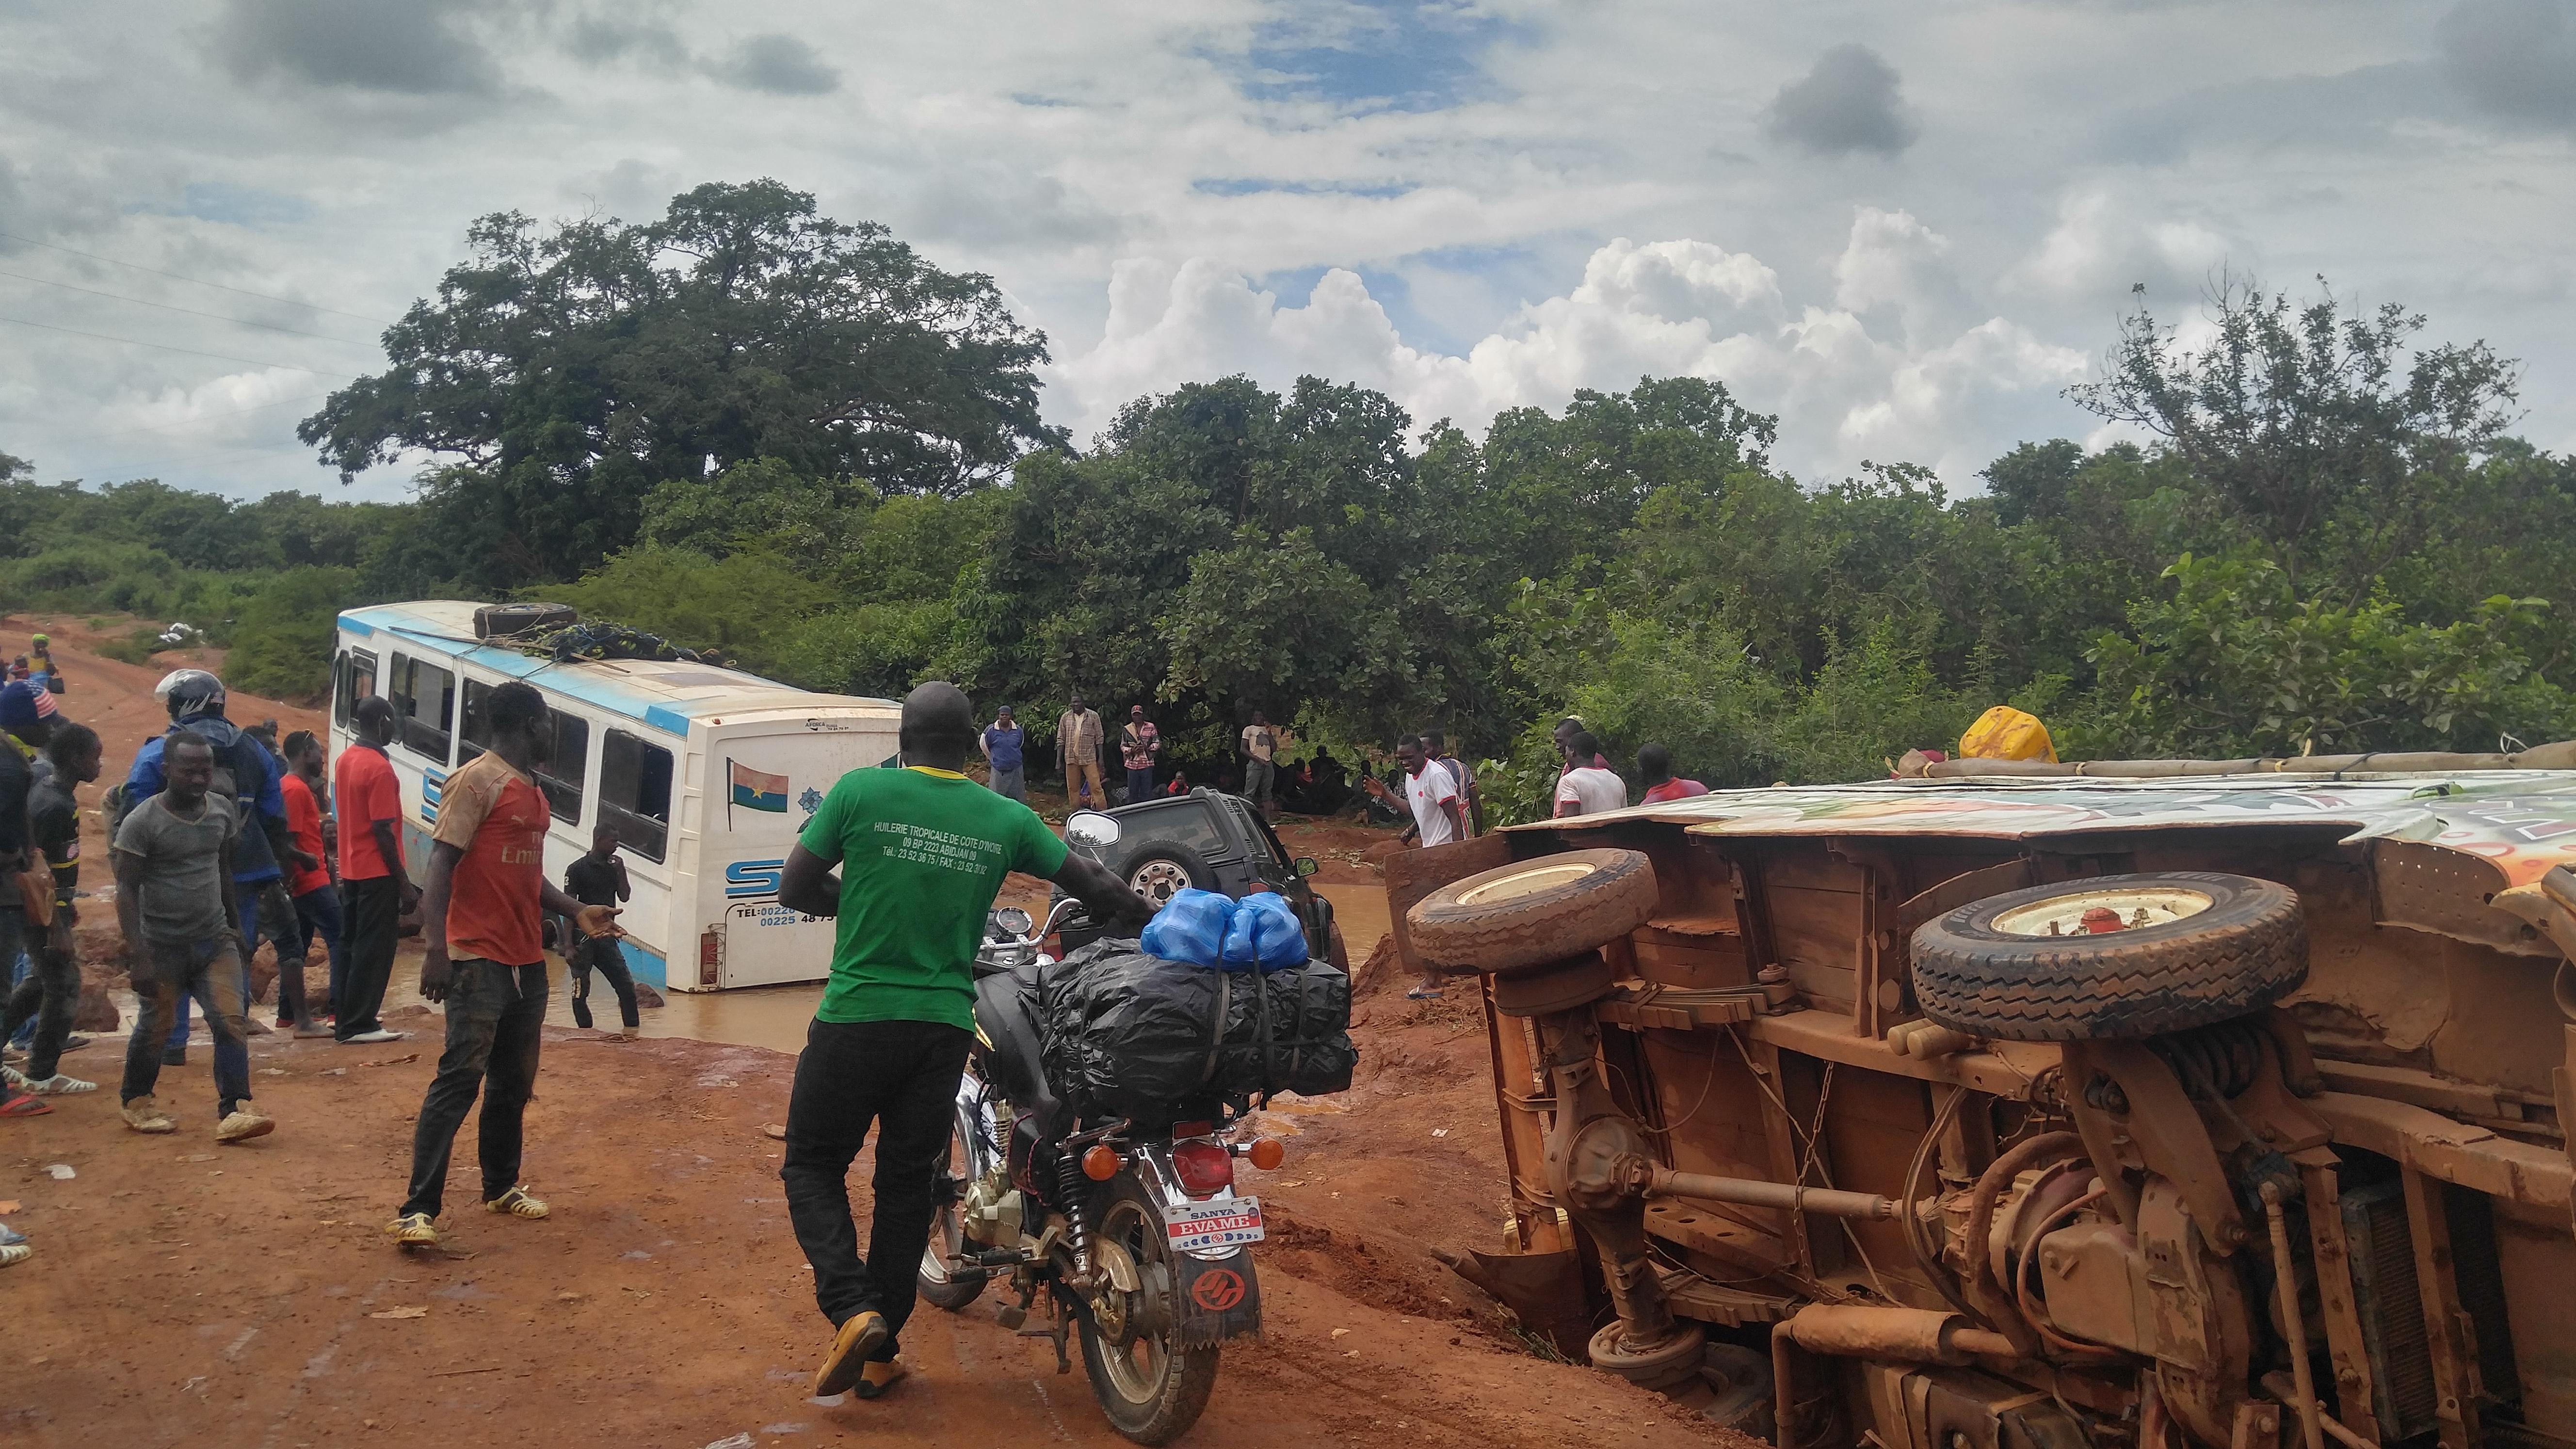 Carnet de route / Axe Bouandougou-Korhogo : Bienvenue sur la route de la mort !